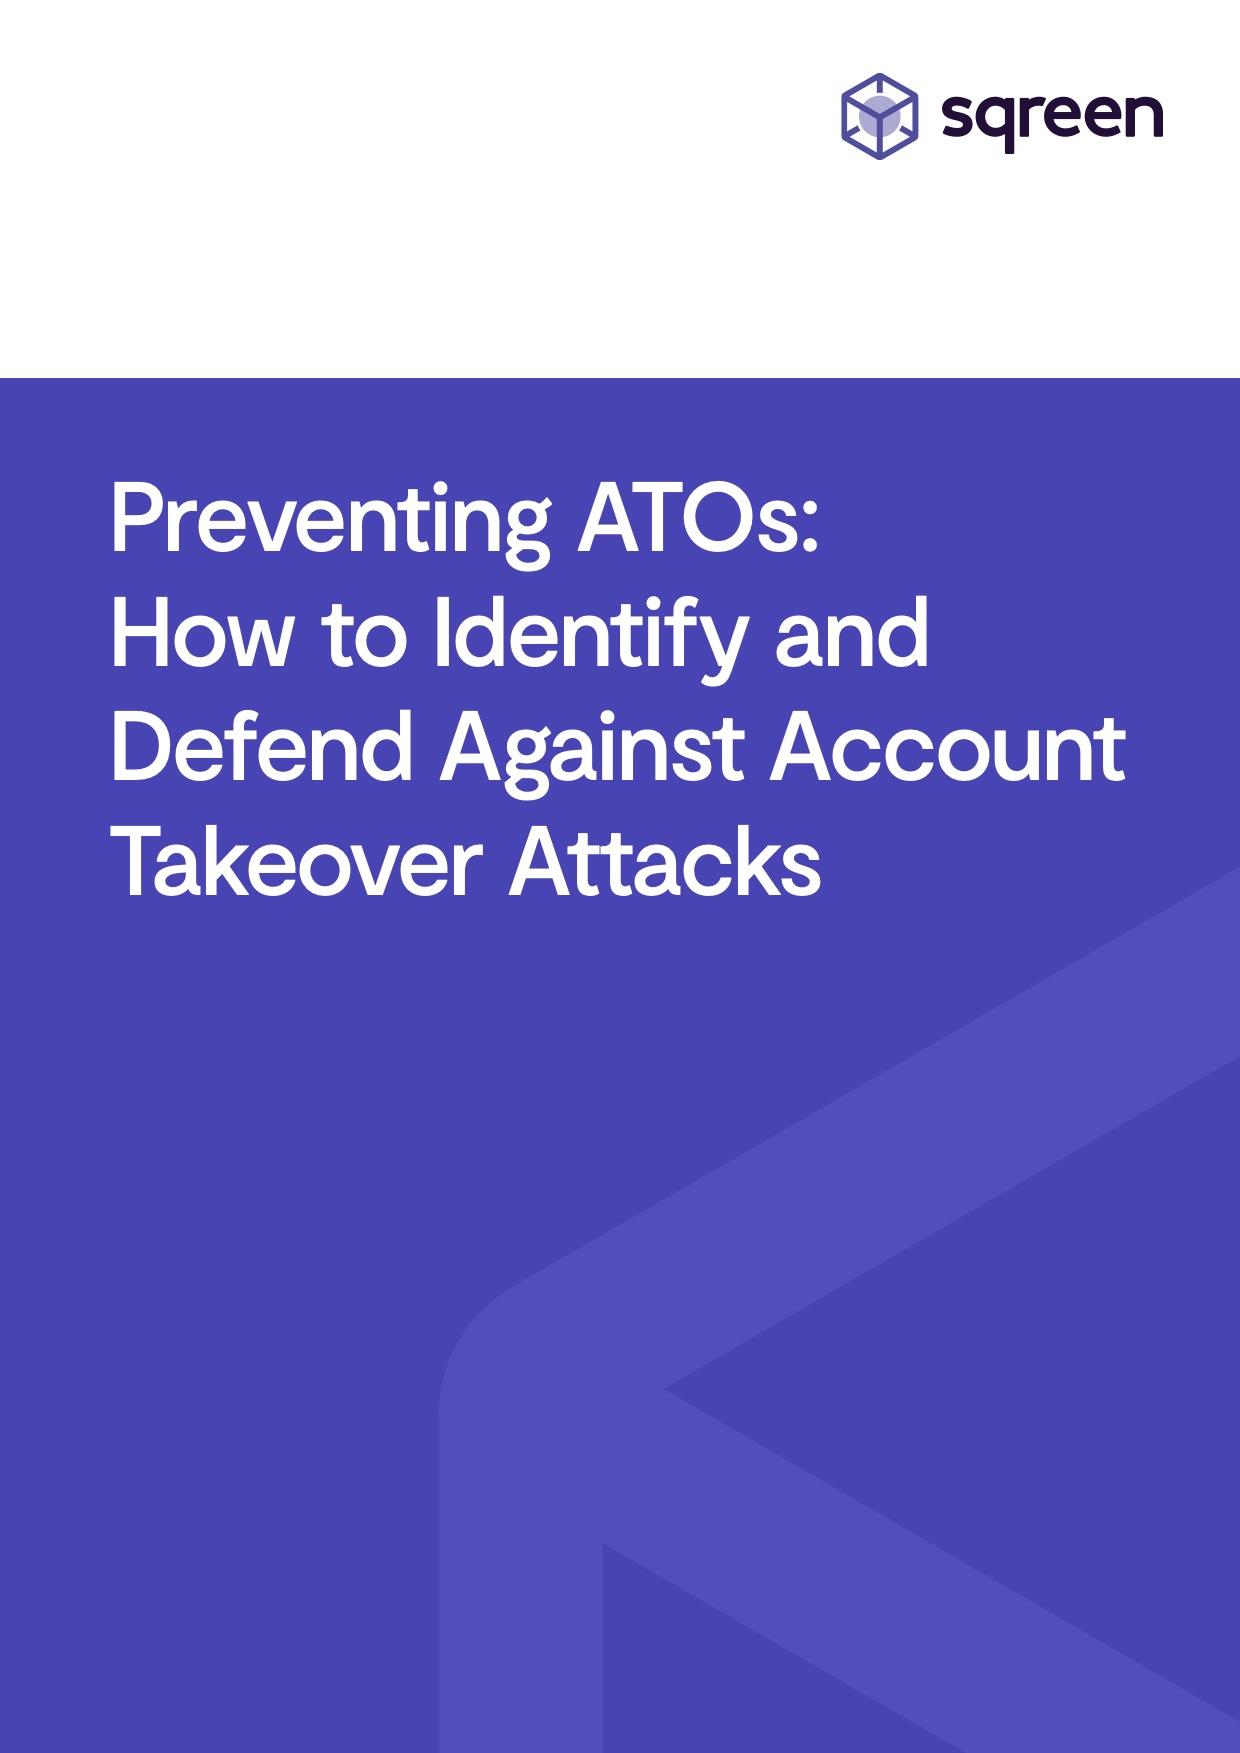 Preventing ATOs Whitepaper